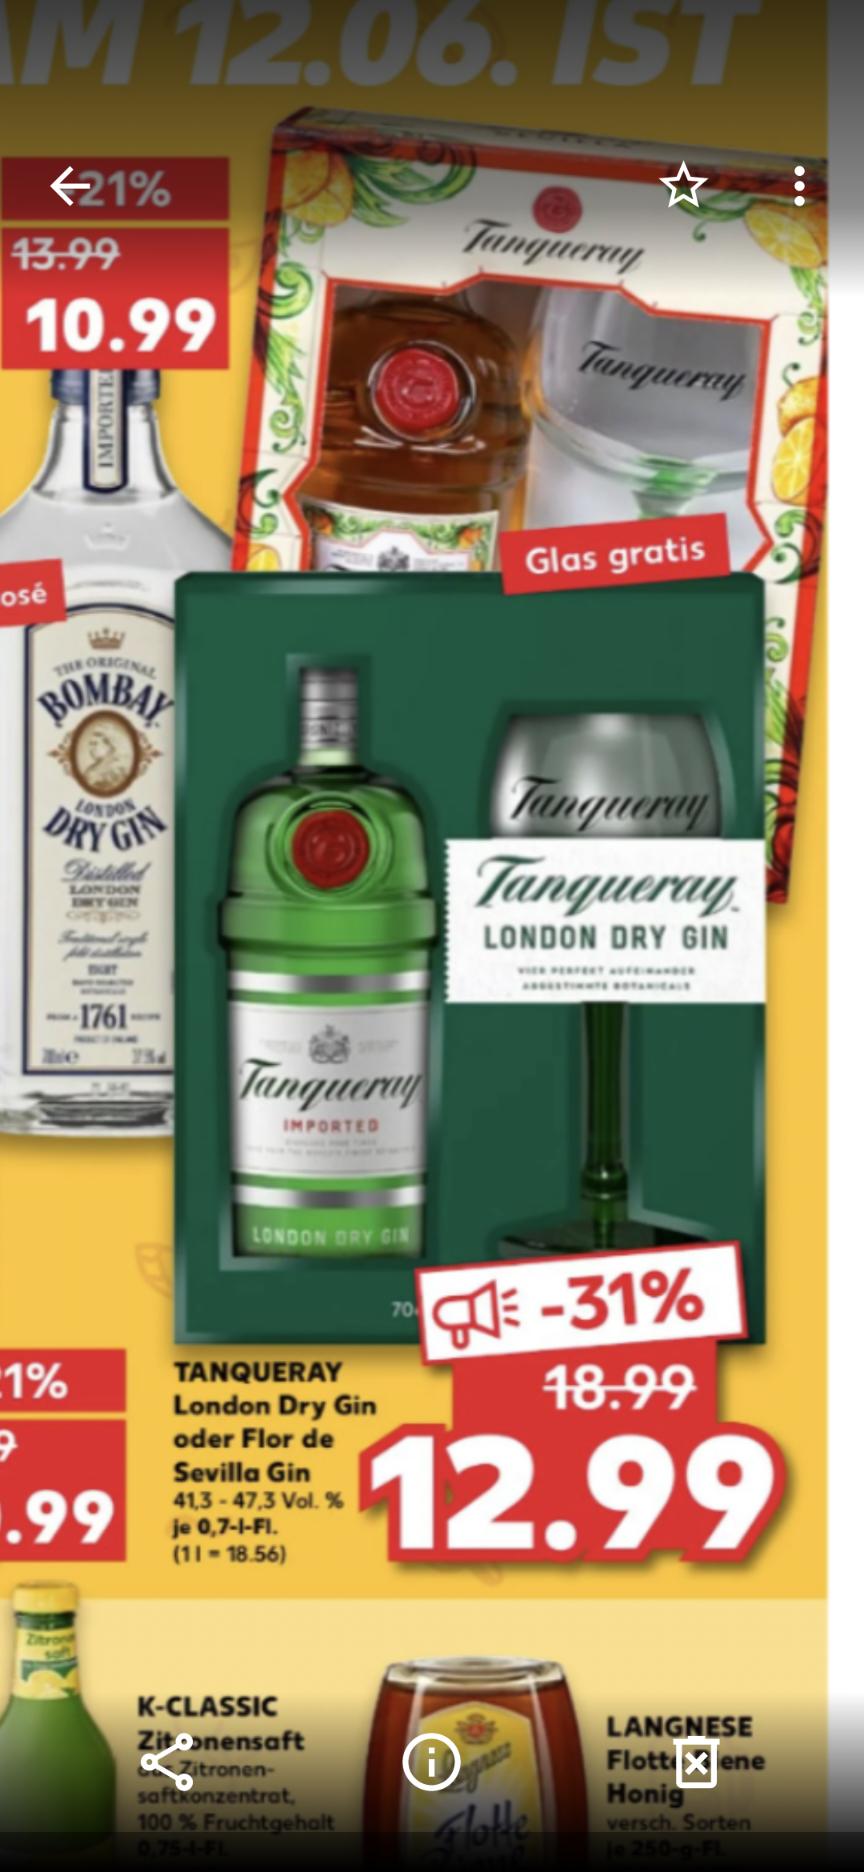 Lokal? Tanqueray Dry oder Flor der Sevilla Gin, jeweils mit Glas, für 12,99€. Ergibt ein Literpreis von 18,56 €.